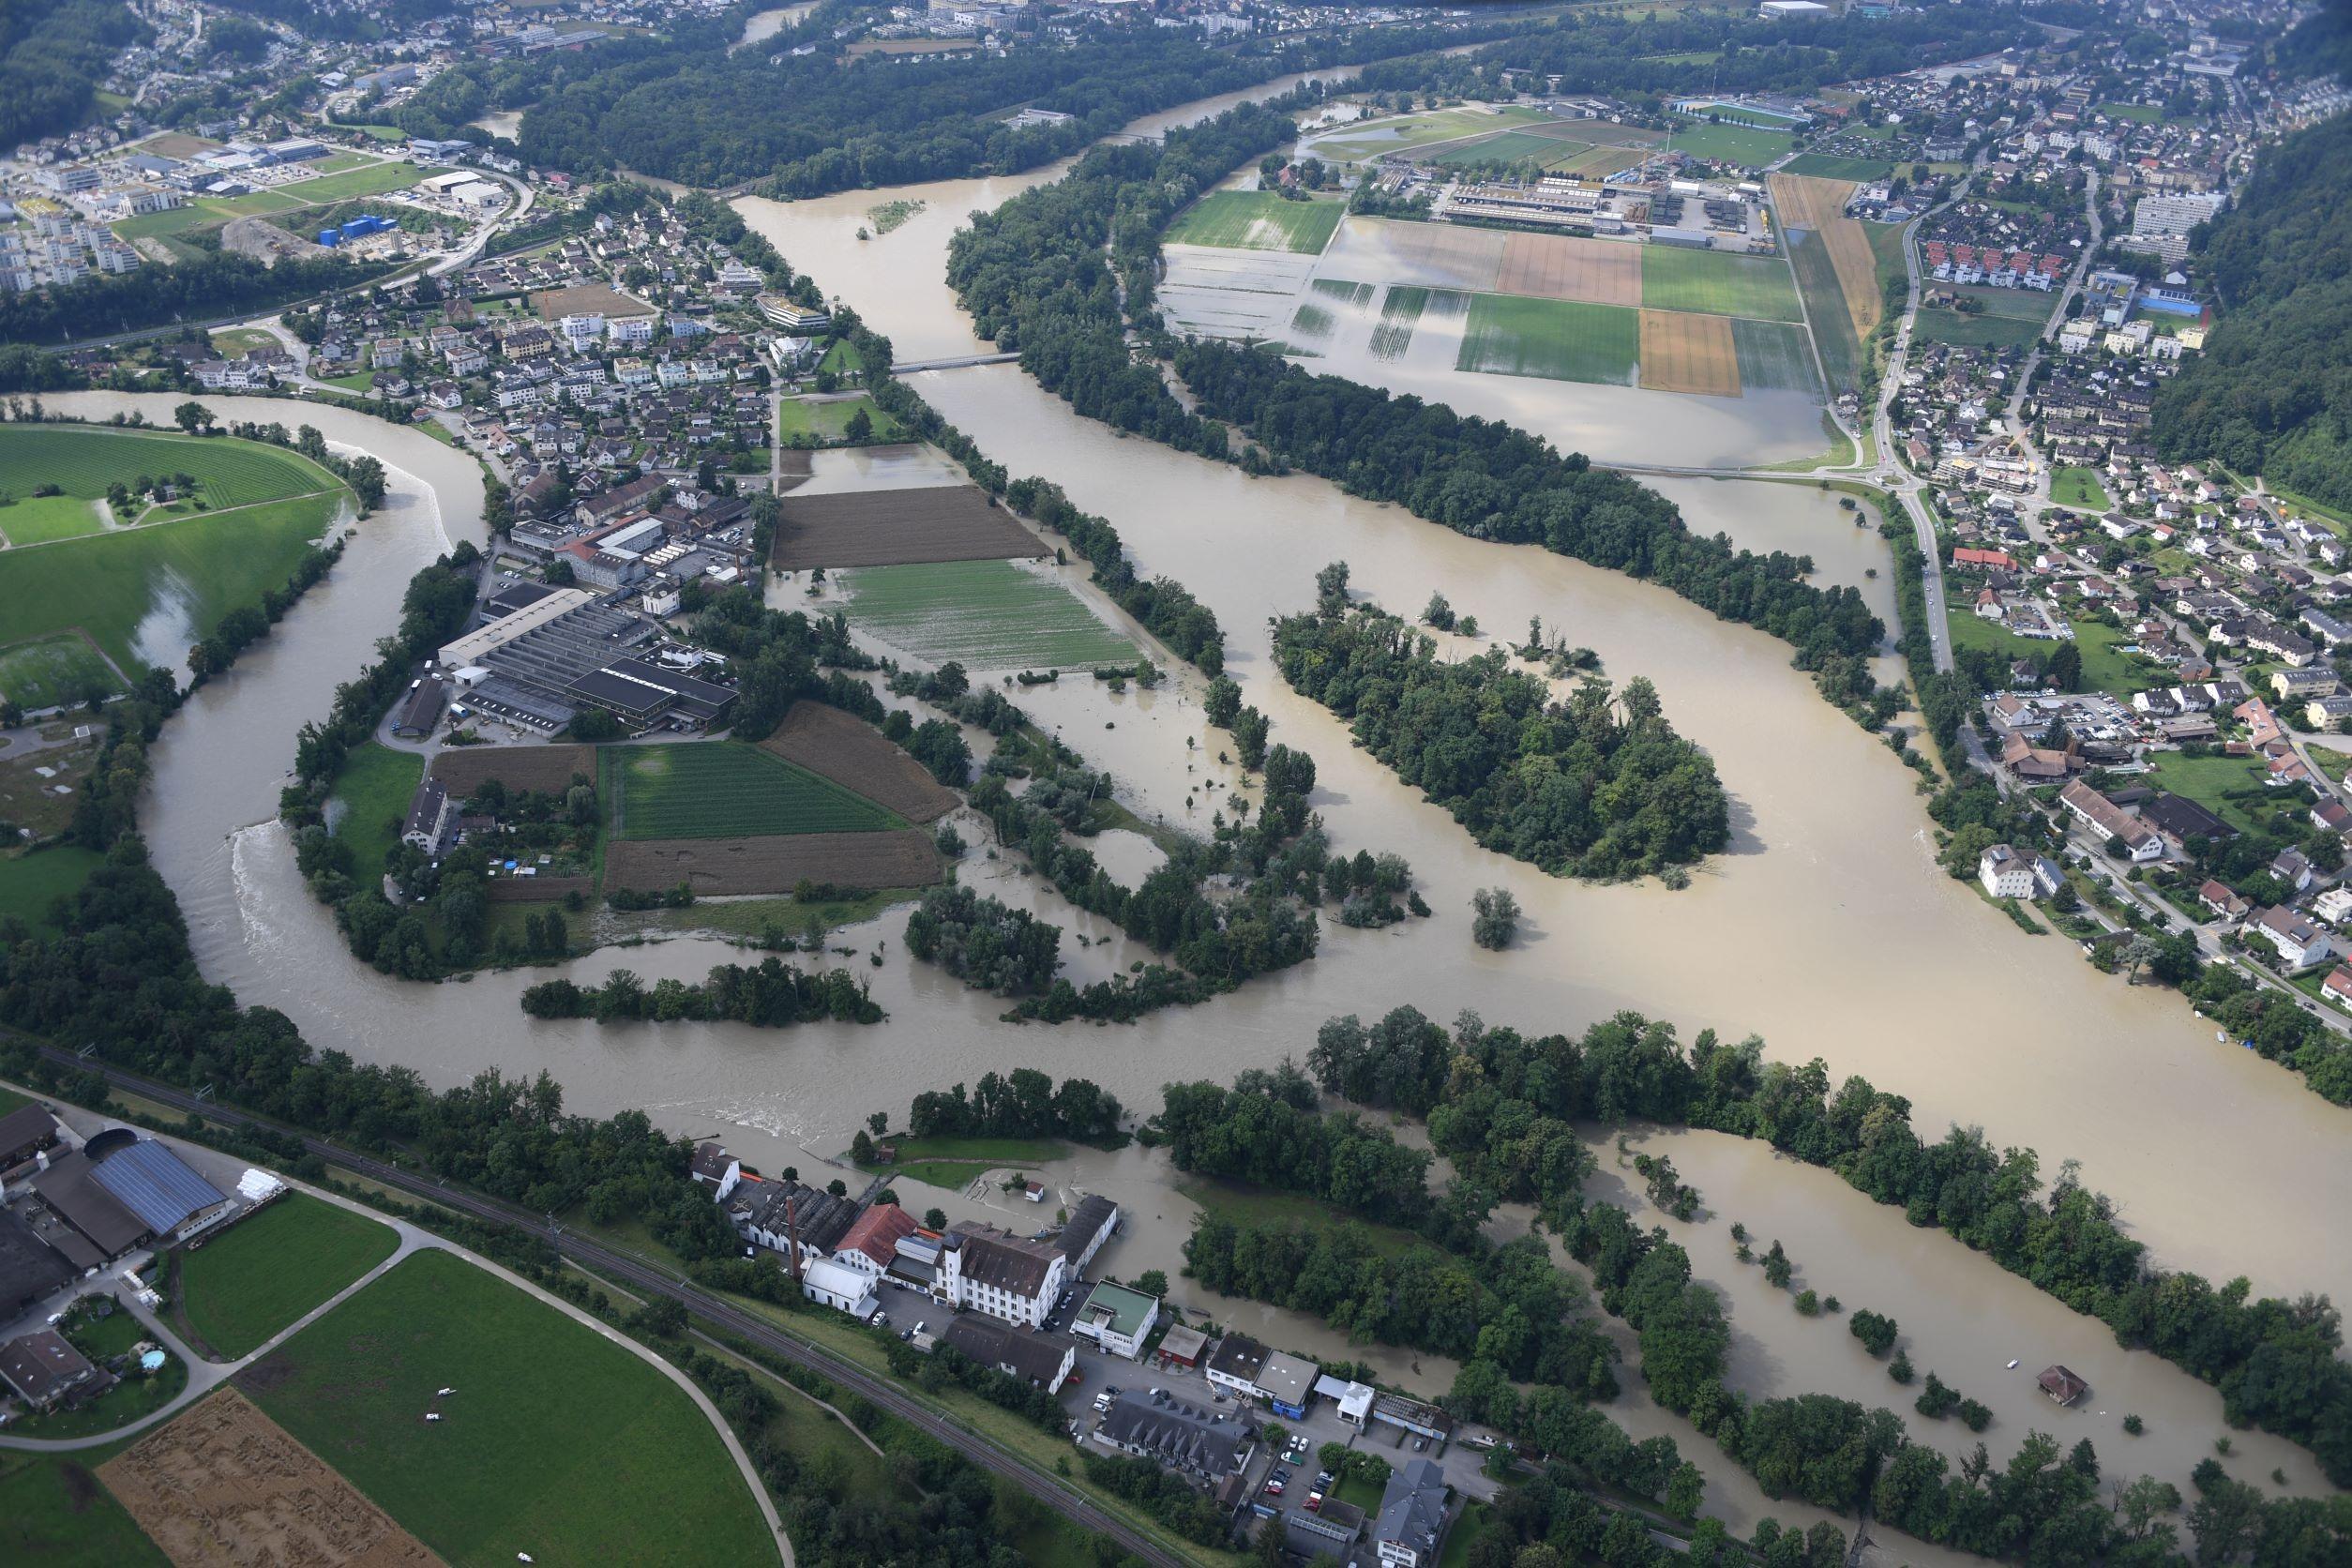 Hochwasser im Aargau Vorher Nachher Vergleiche in Bildern